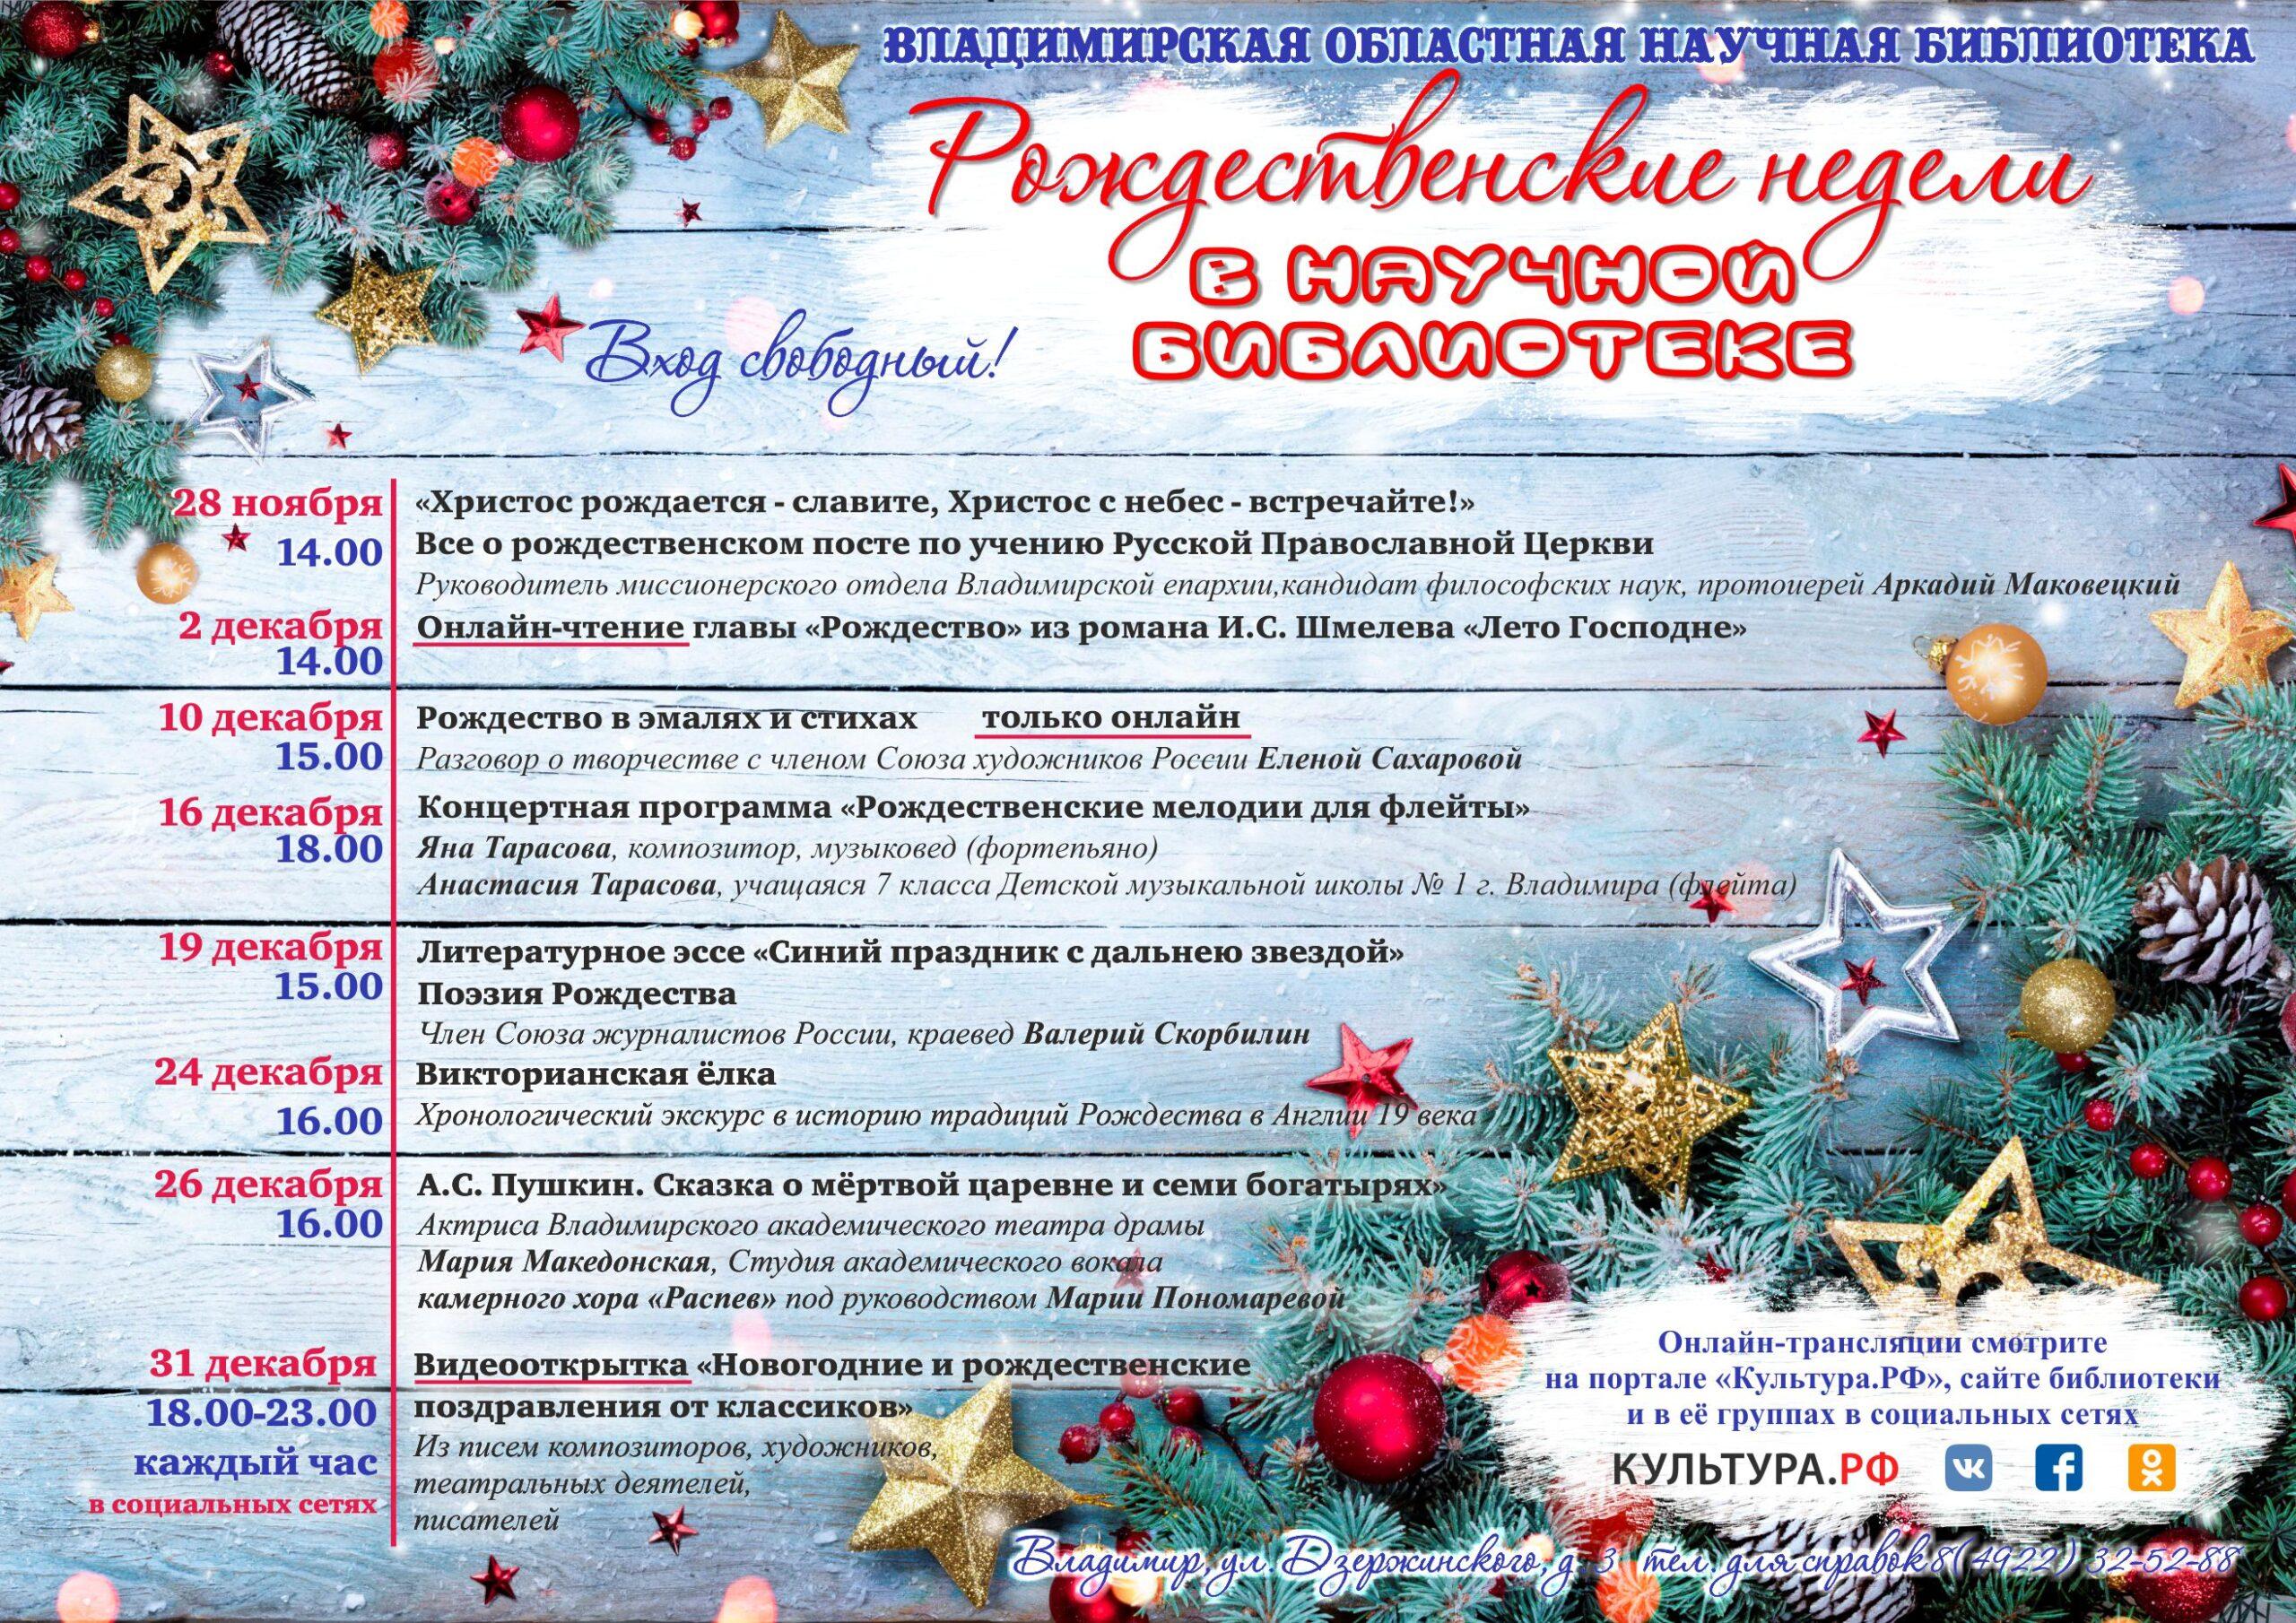 Программа Рождественских недель в библиотеке